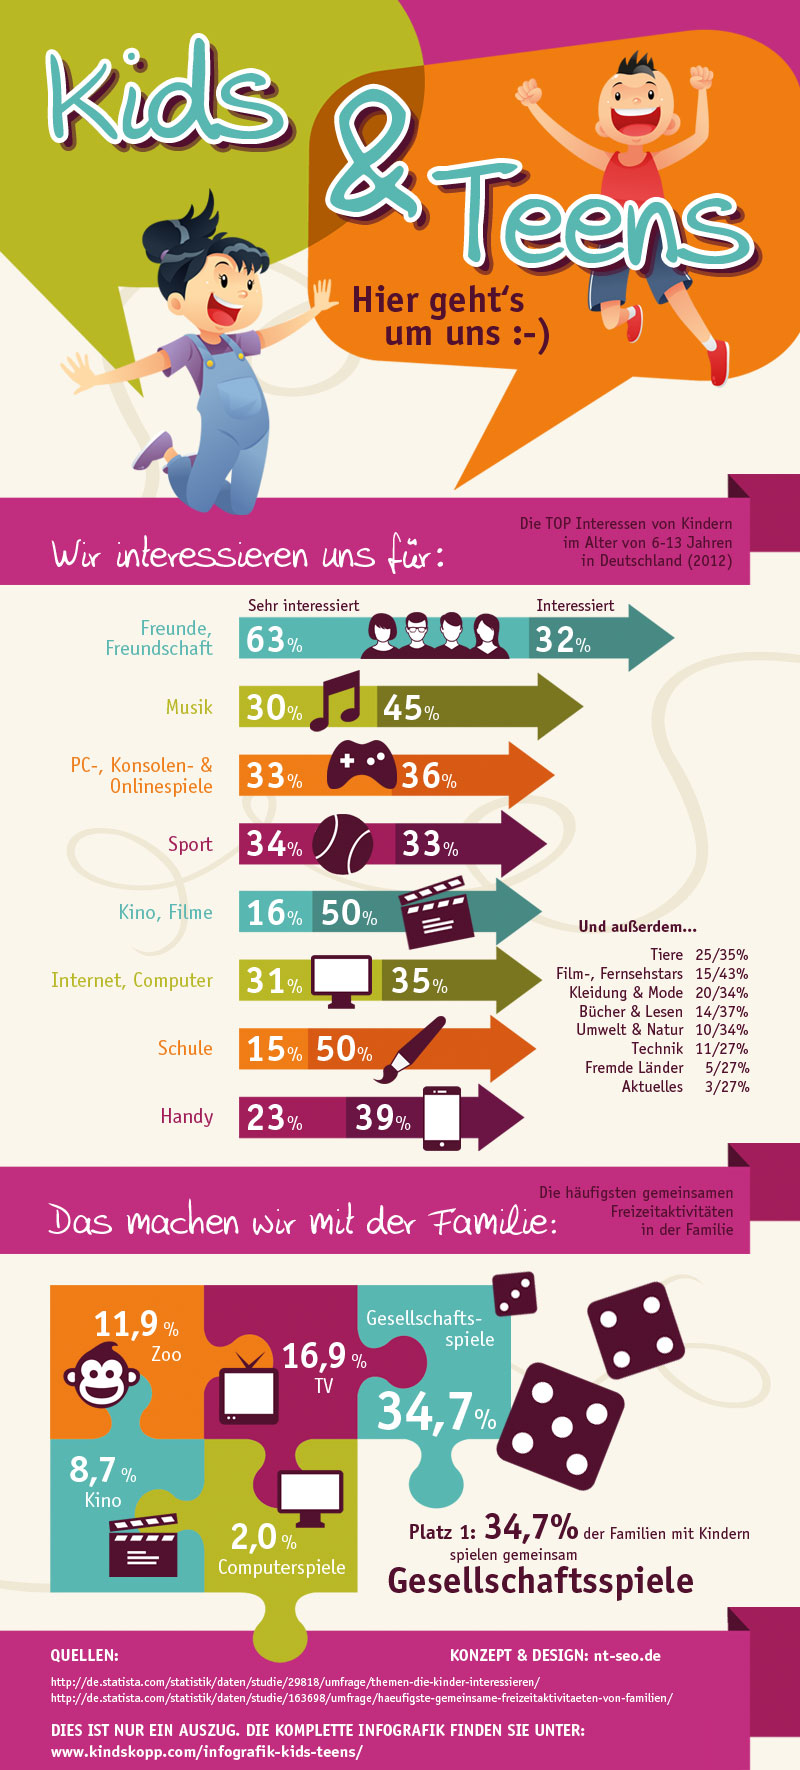 Die komplette Infografik finden Sie auf www.kindskopp.com